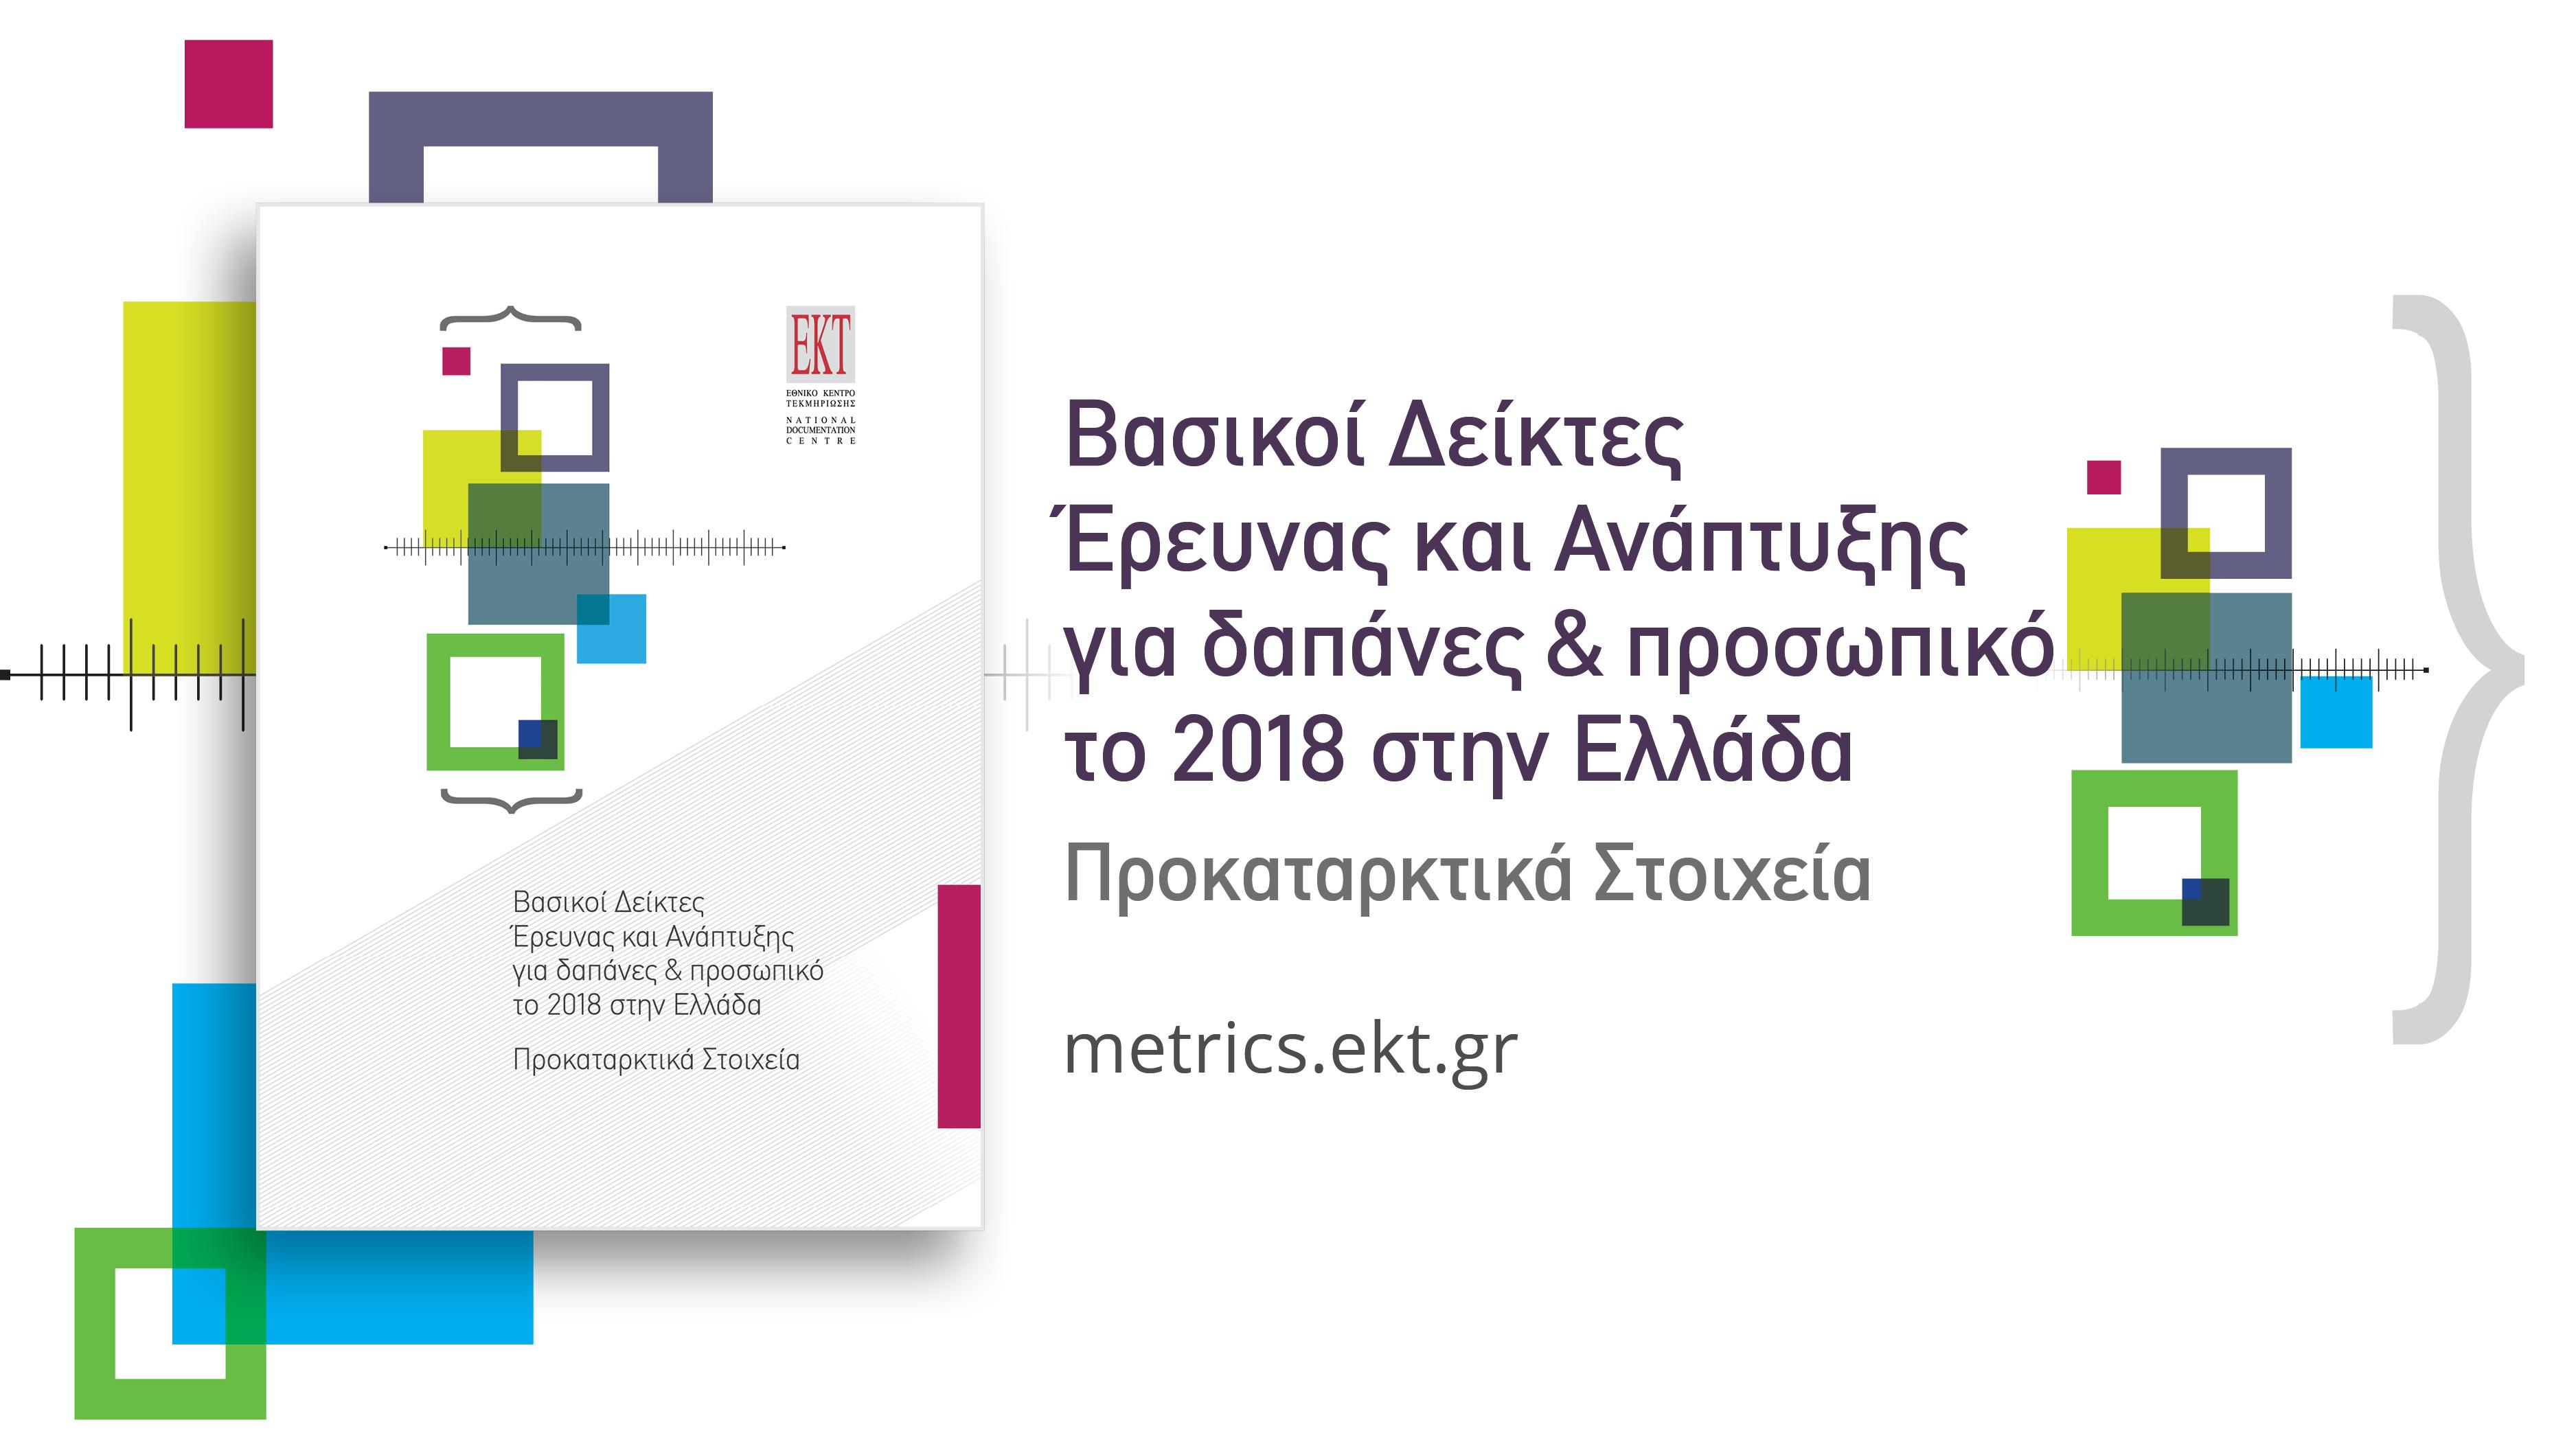 http://www.gsrt.gr/News/Files/New112208/RDstatistics_Greece_2018provisional_banner.jpg